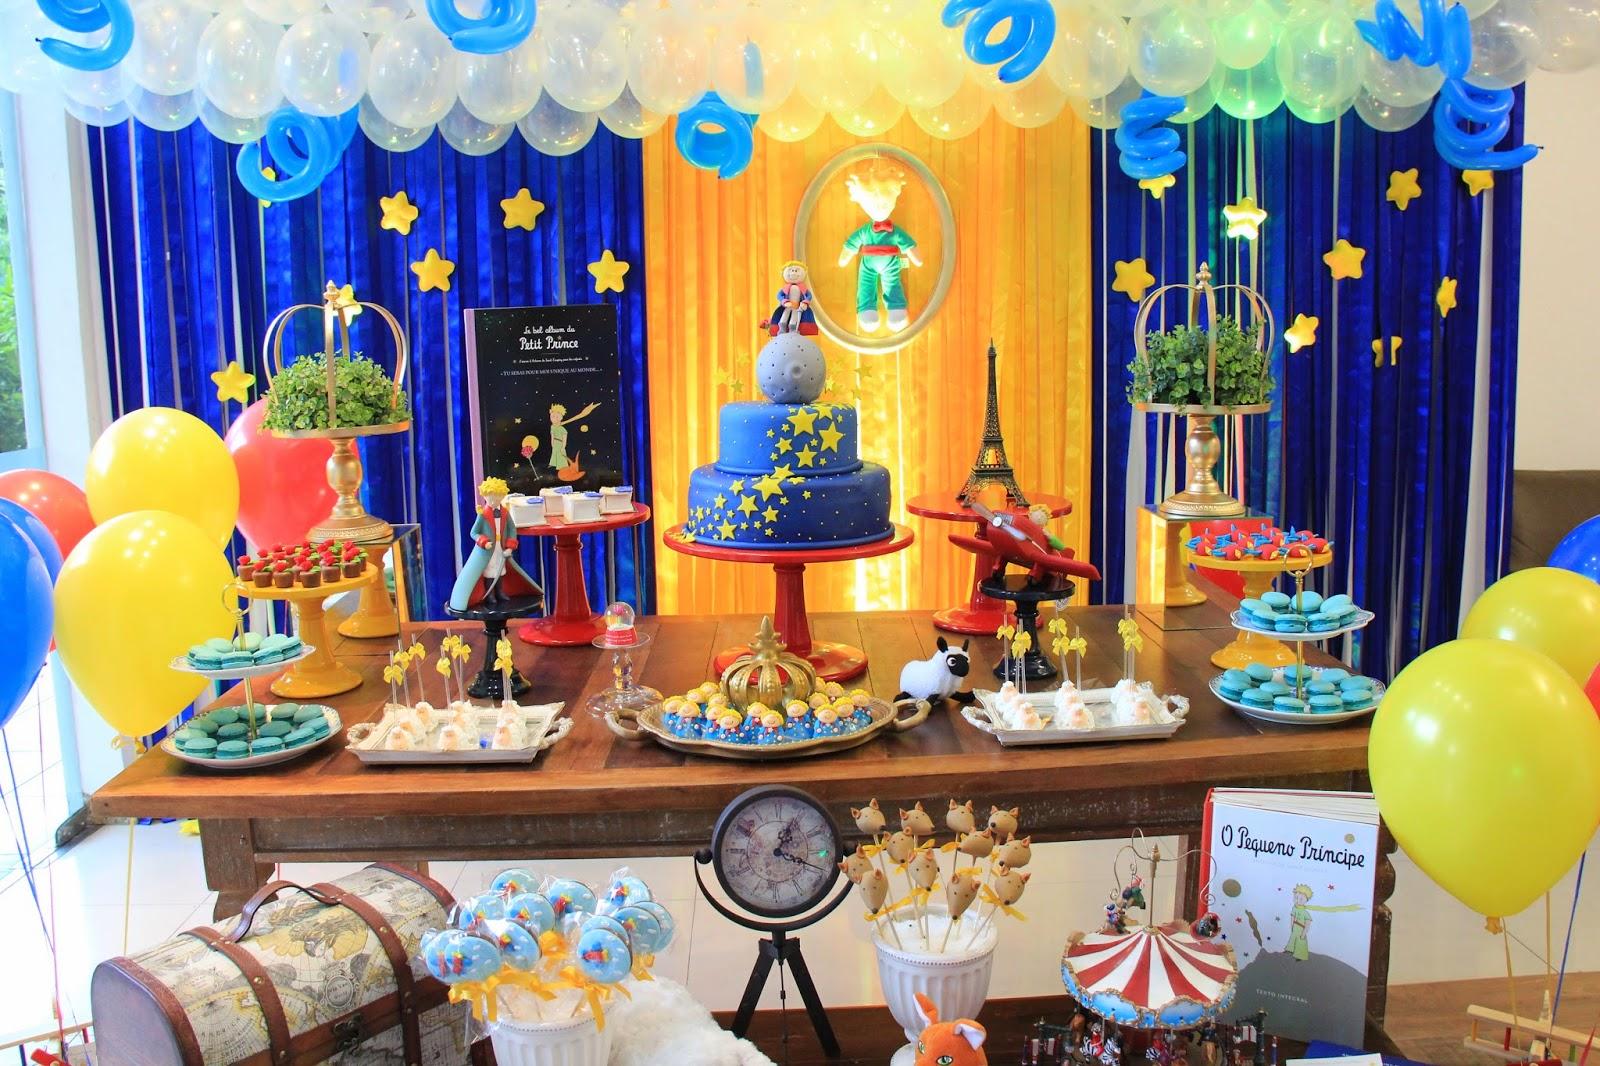 Filme O Pequeno Principe 2015 throughout filhos etc.: festa de aniversário - o pequeno príncipe